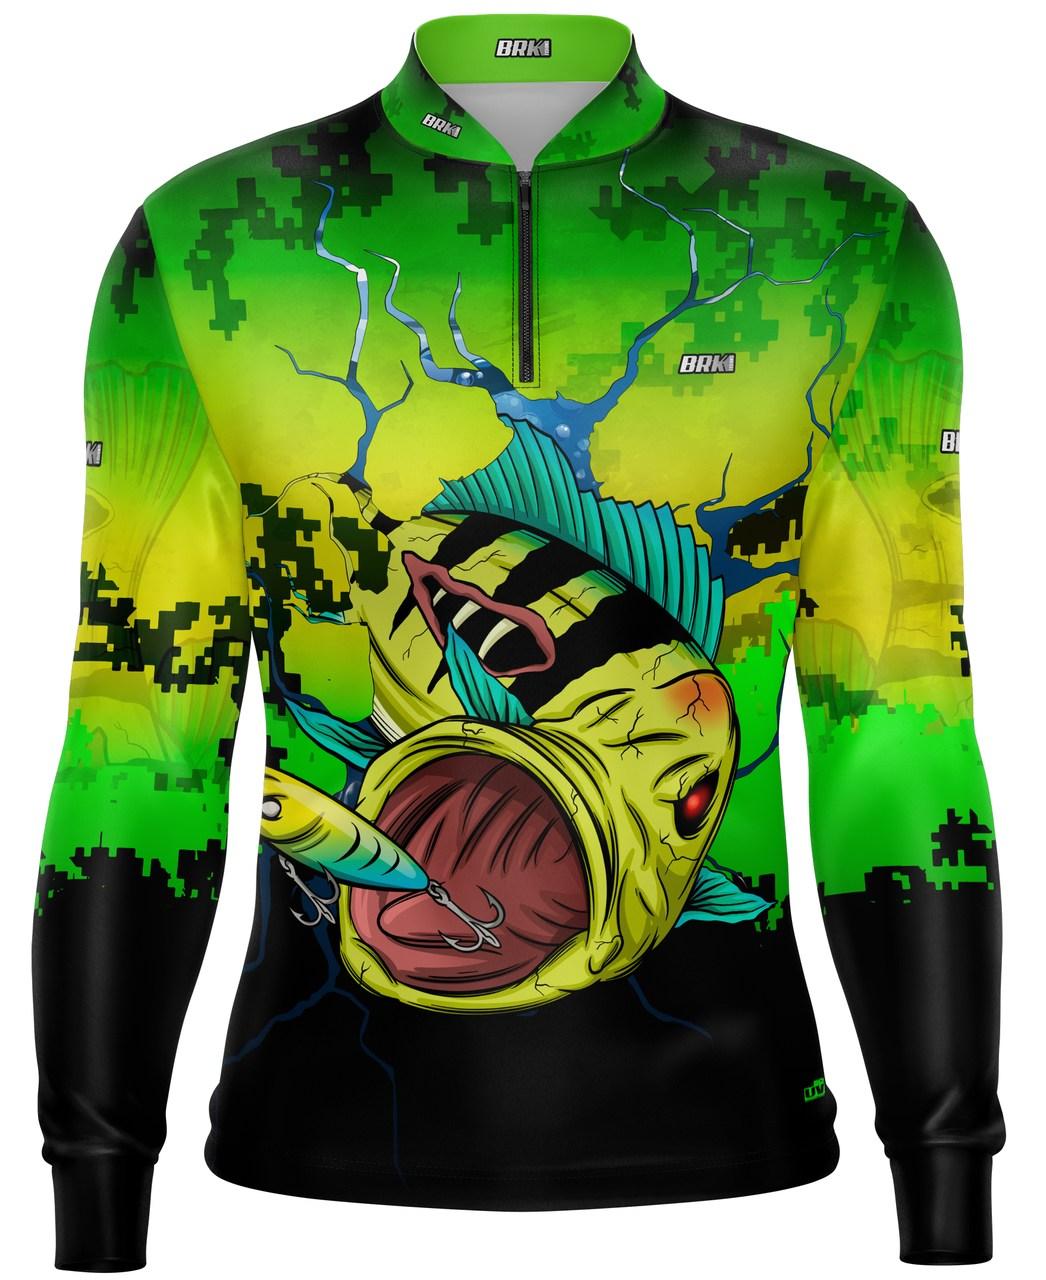 Camisa de Pesca Brk Tucuna Monstro 3D com Proteção UV 50+